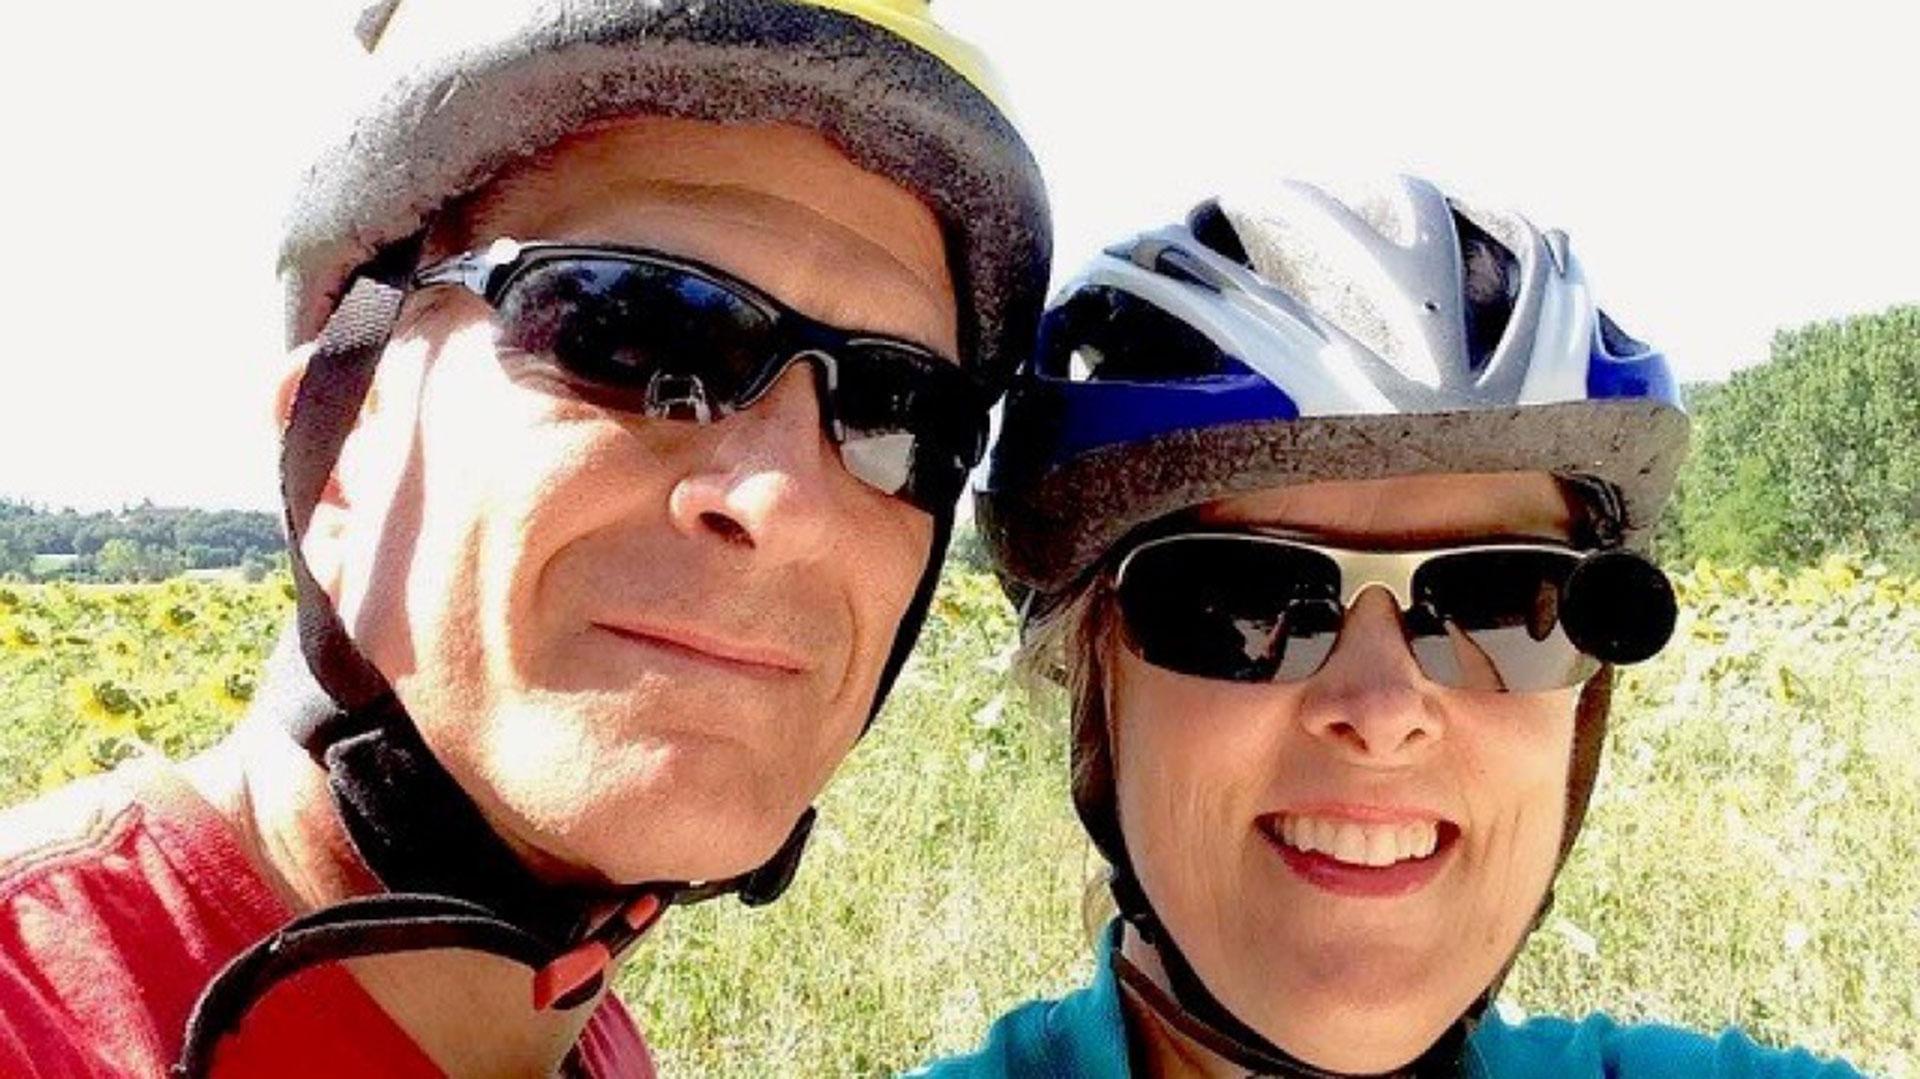 David Krall y Becky Krall. Él casi pierde la vida tras ser mordido por un perro